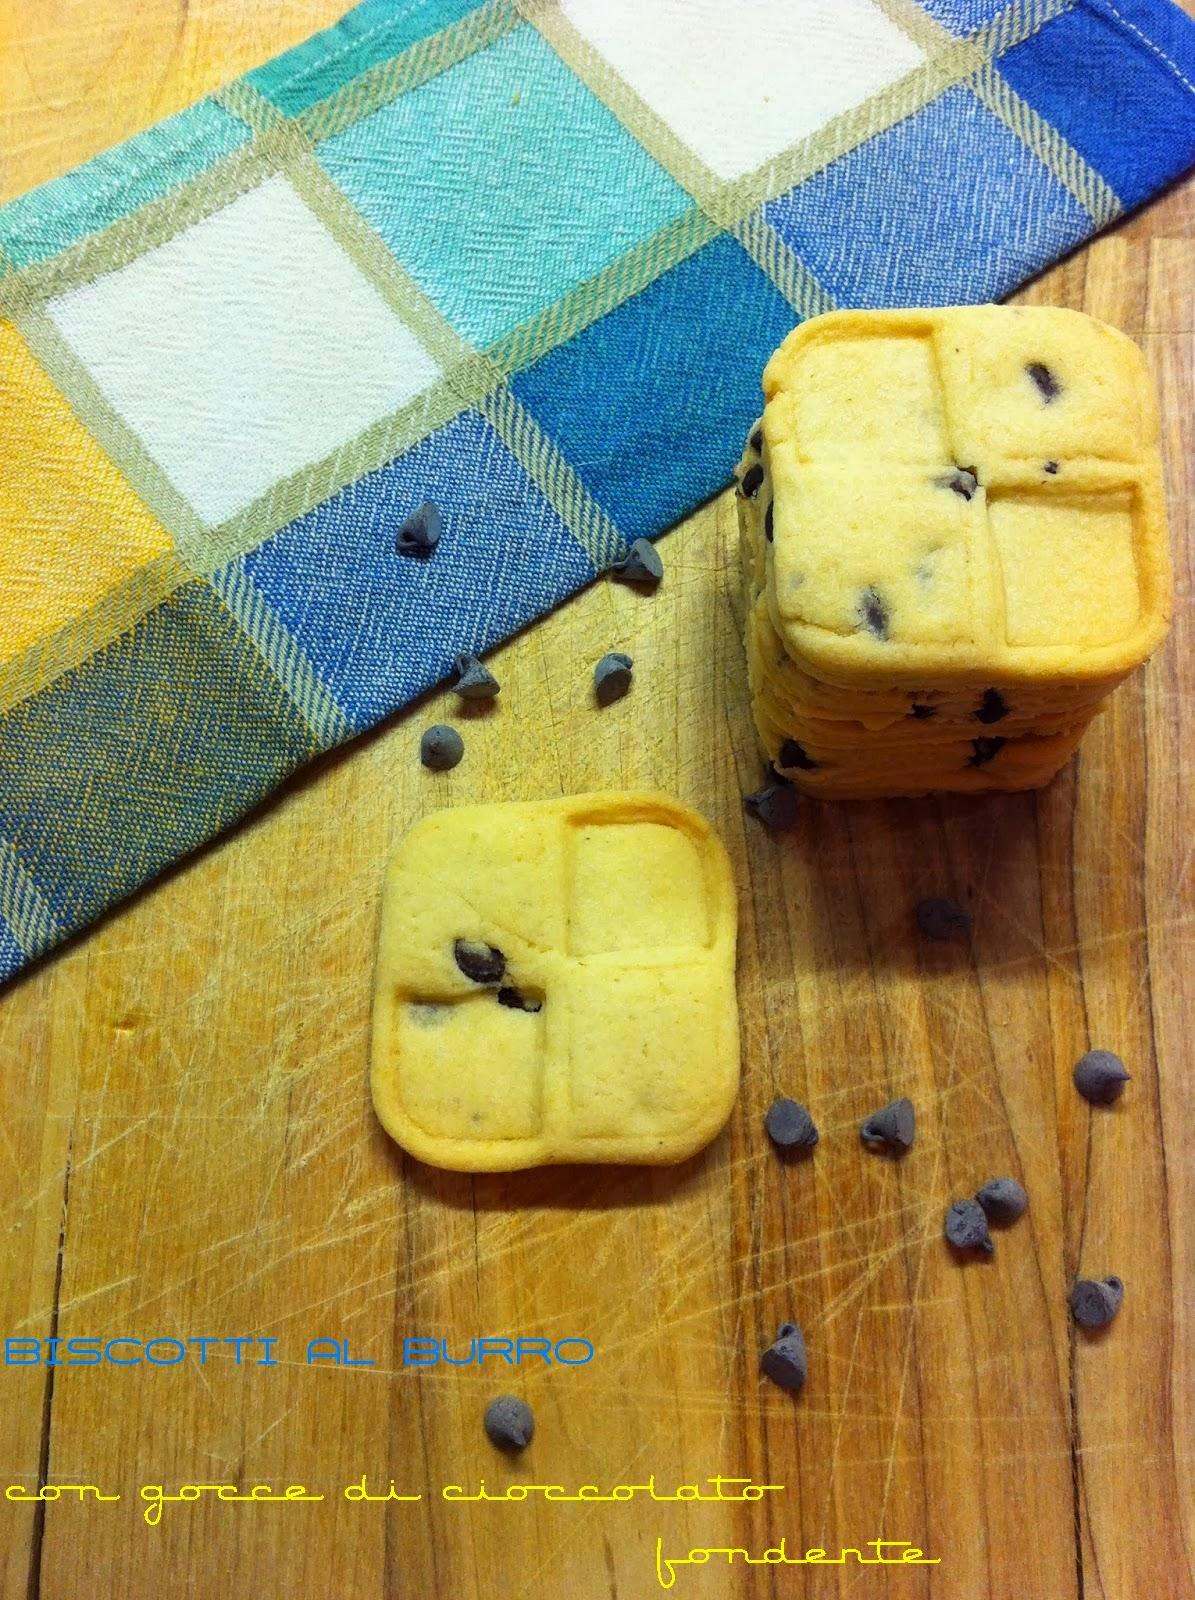 biscotti al burro con gocce di cioccolato fondente